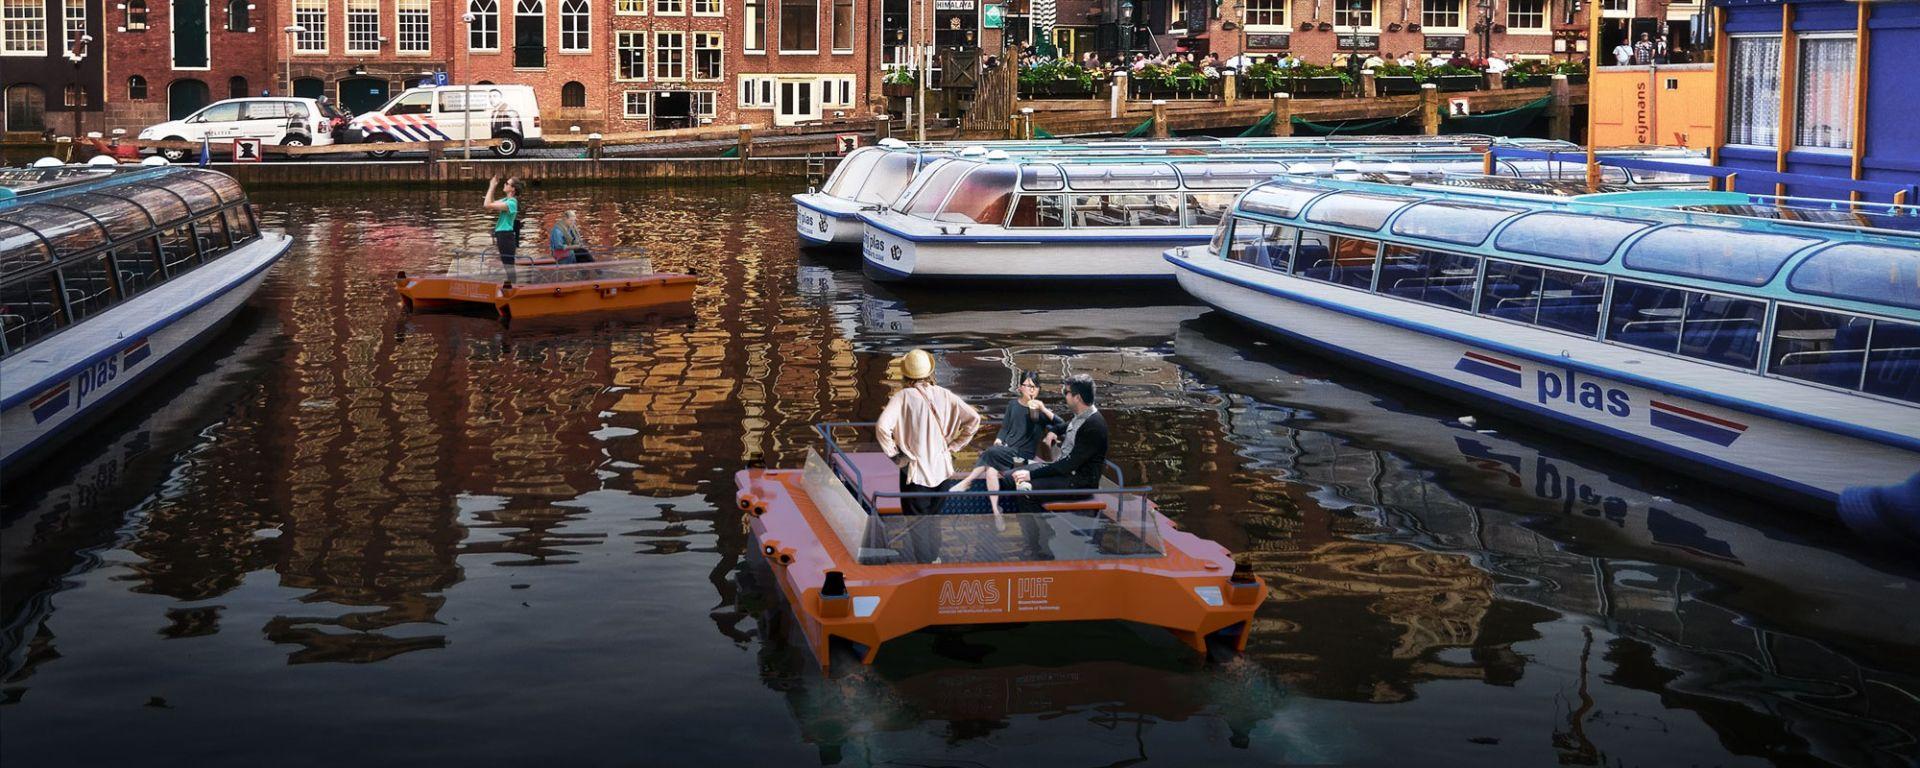 Roboat: le barche a guida autonoma per i canali di Amsterdam